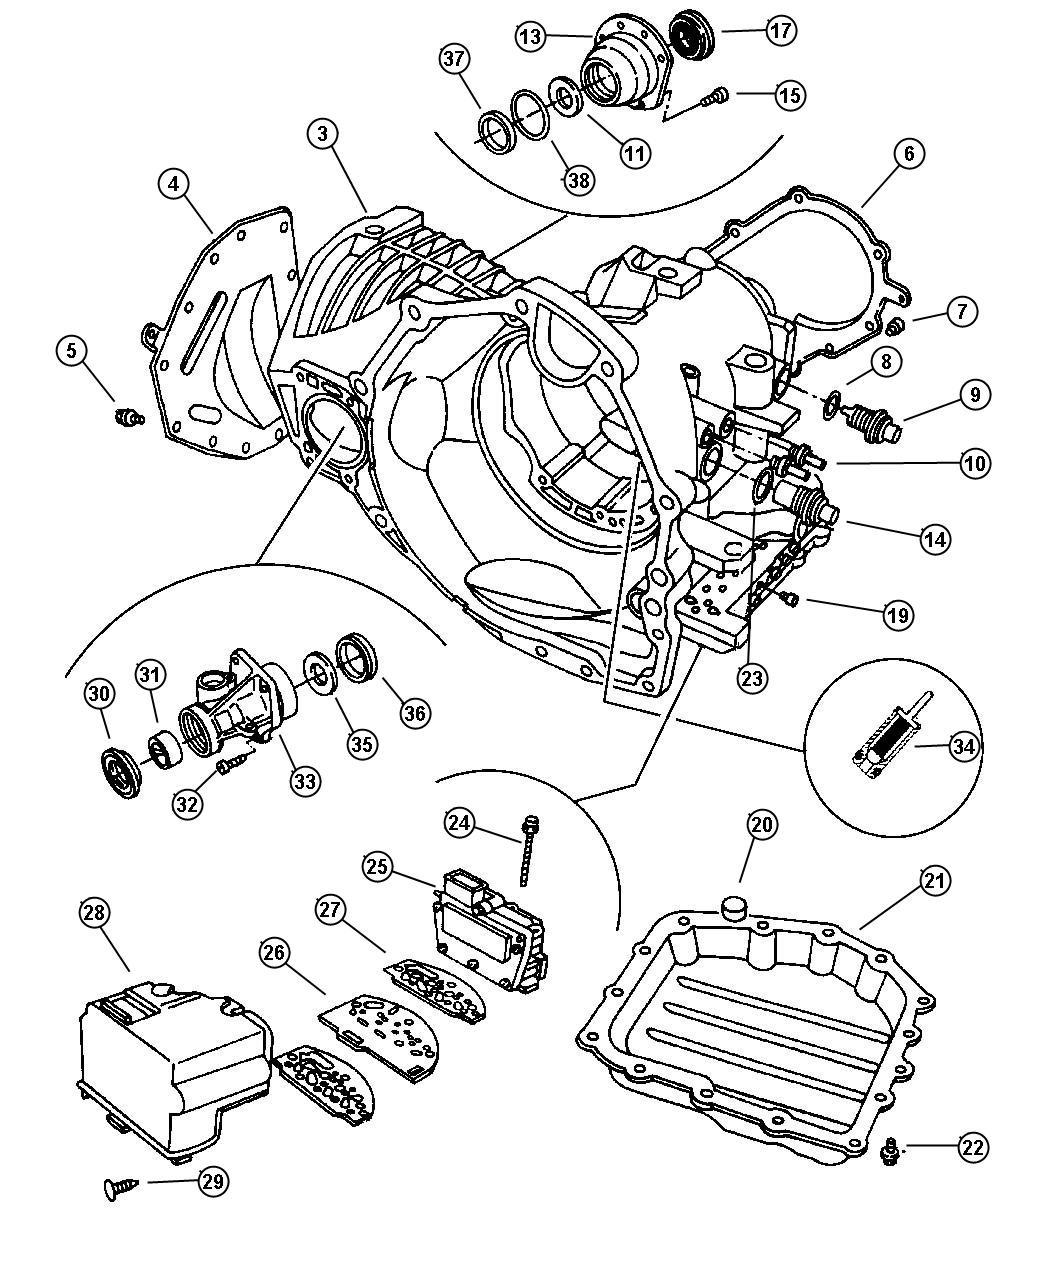 D92410d A604 41te Diagram Wiring